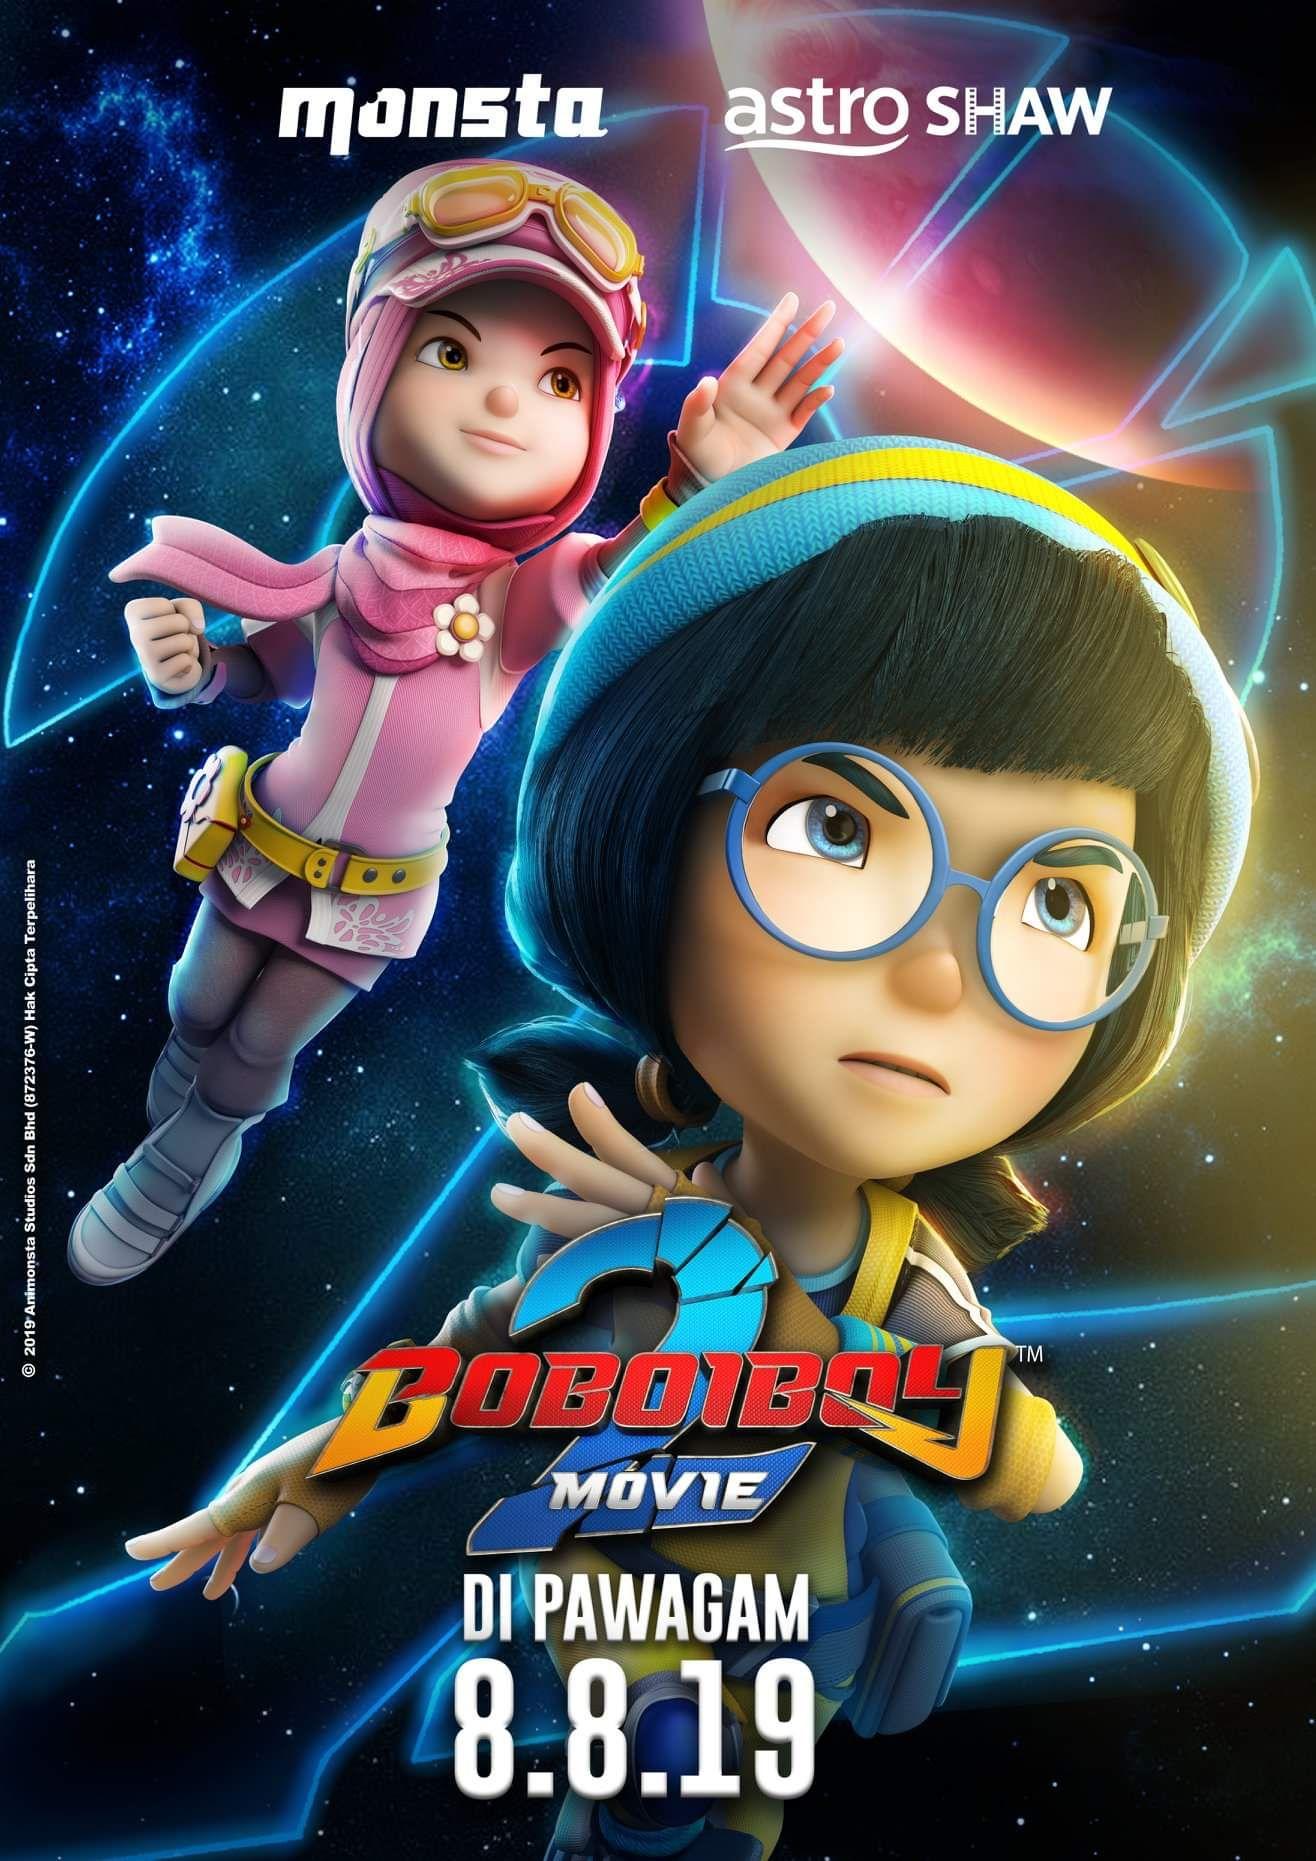 BoBoiBoy Movie 2 Boboiboy Wiki Fandom in 2020 Galaxy